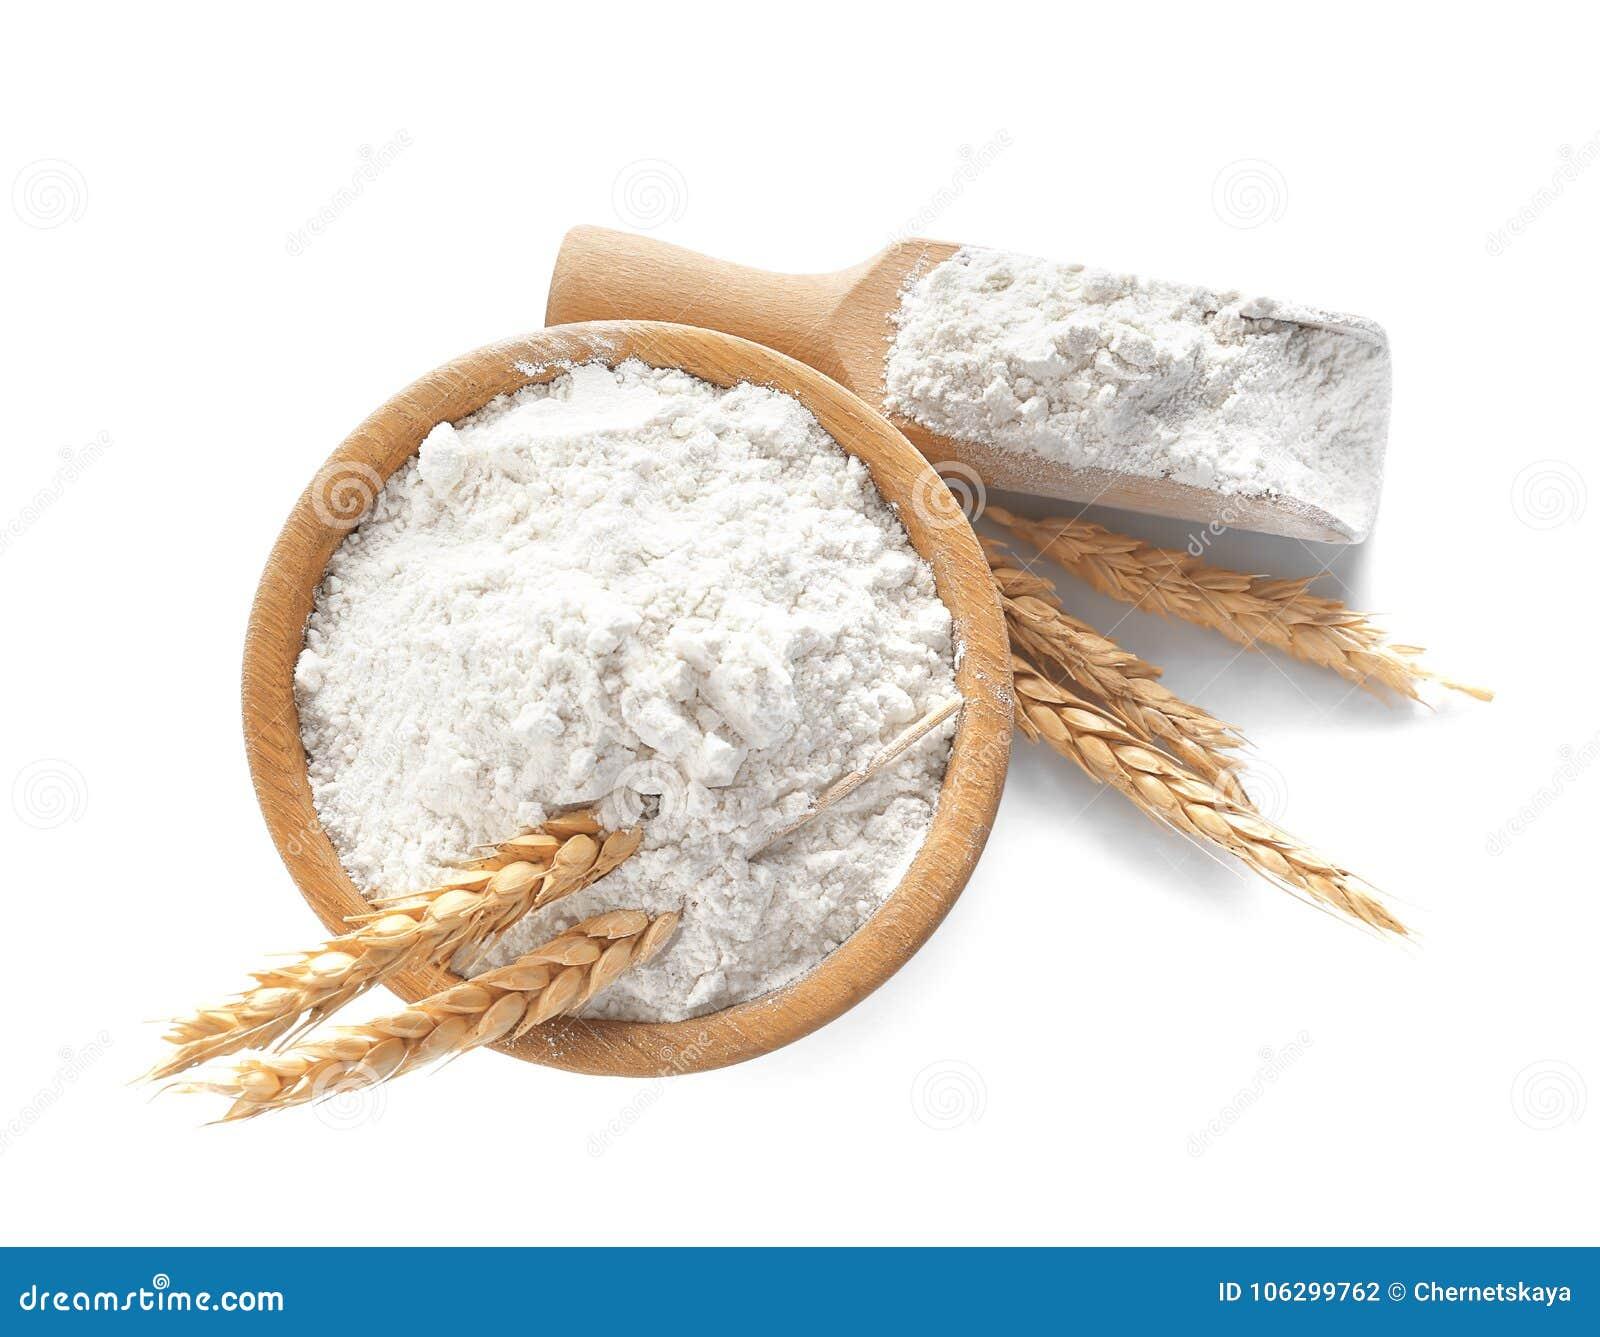 Schüssel und Schaufel mit Mehl